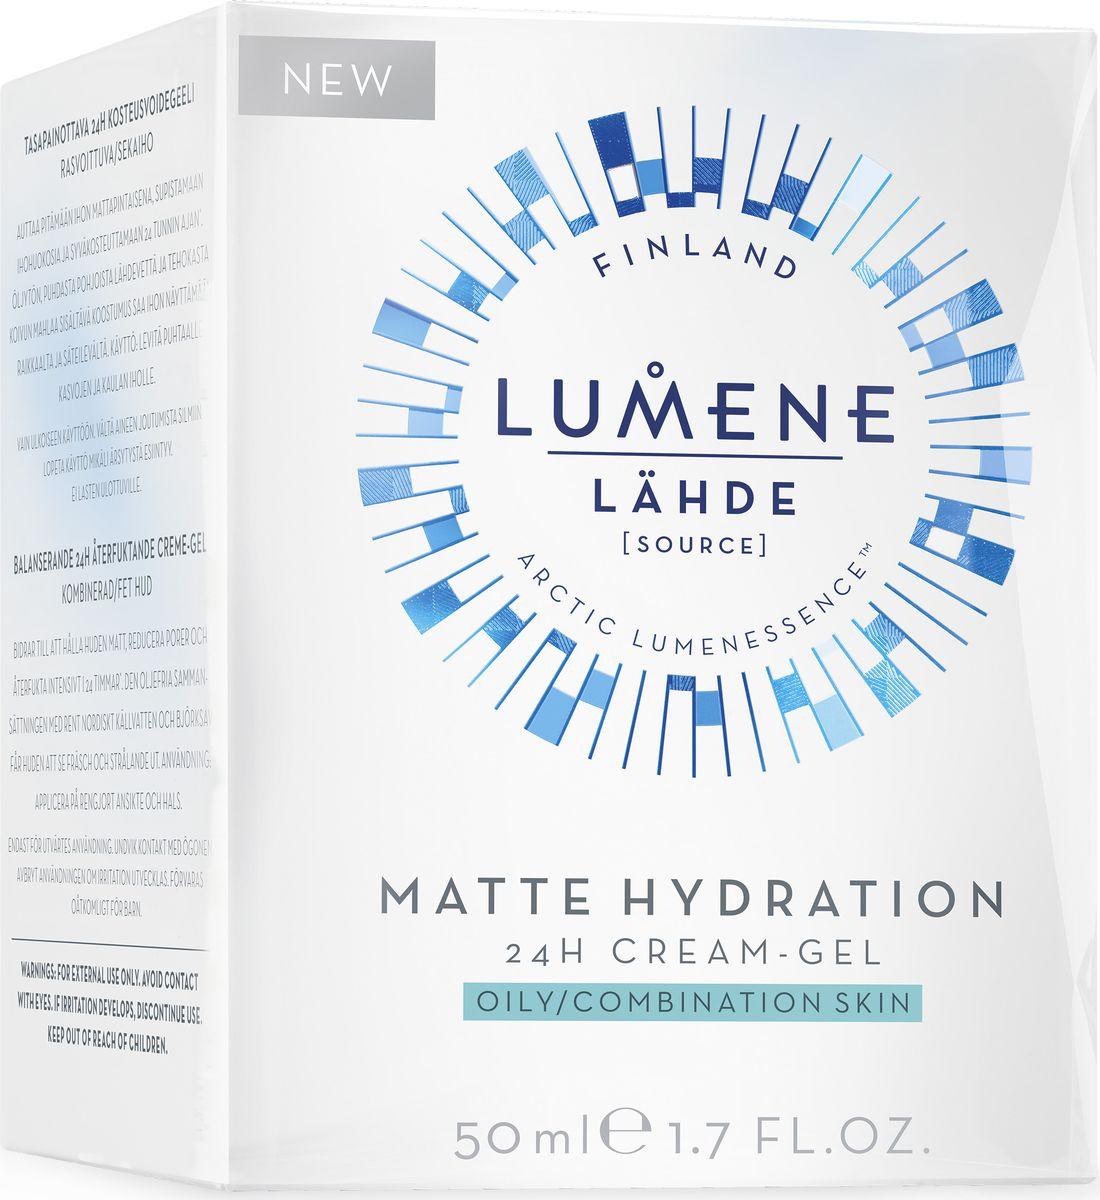 Lumene Lahde 24 часа Увлажняющий крем-гель Роскошь матовой кожи , 50 млNL580-80319Контролирует жирный блеск и сокращает видимость пор, обеспечивая эффективное увлажнение. Без масел.